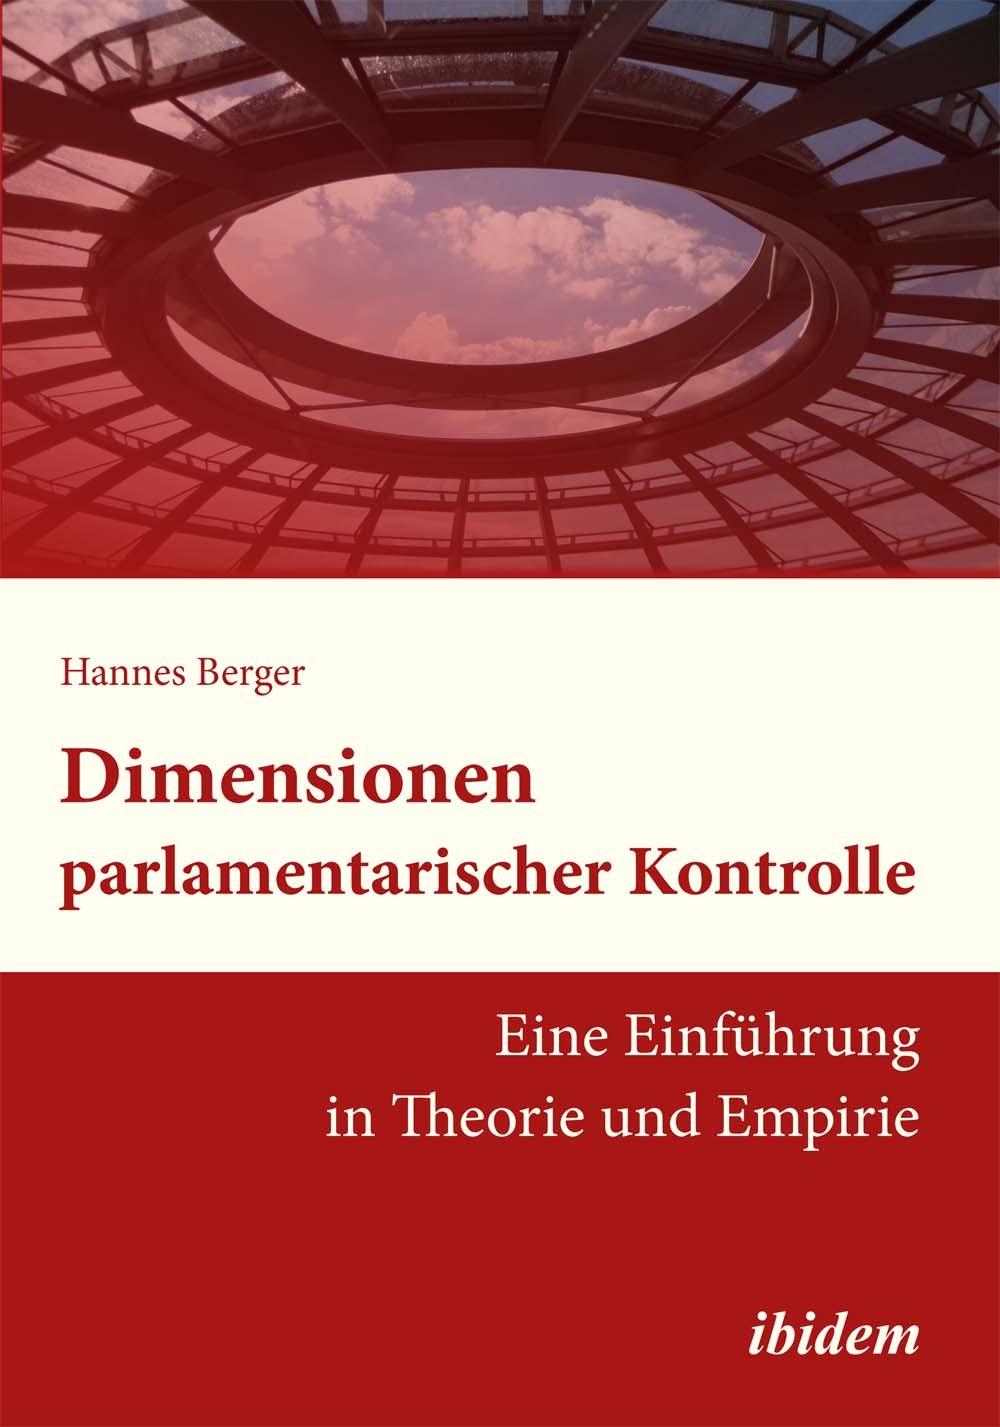 Dimensionen parlamentarischer Kontrolle